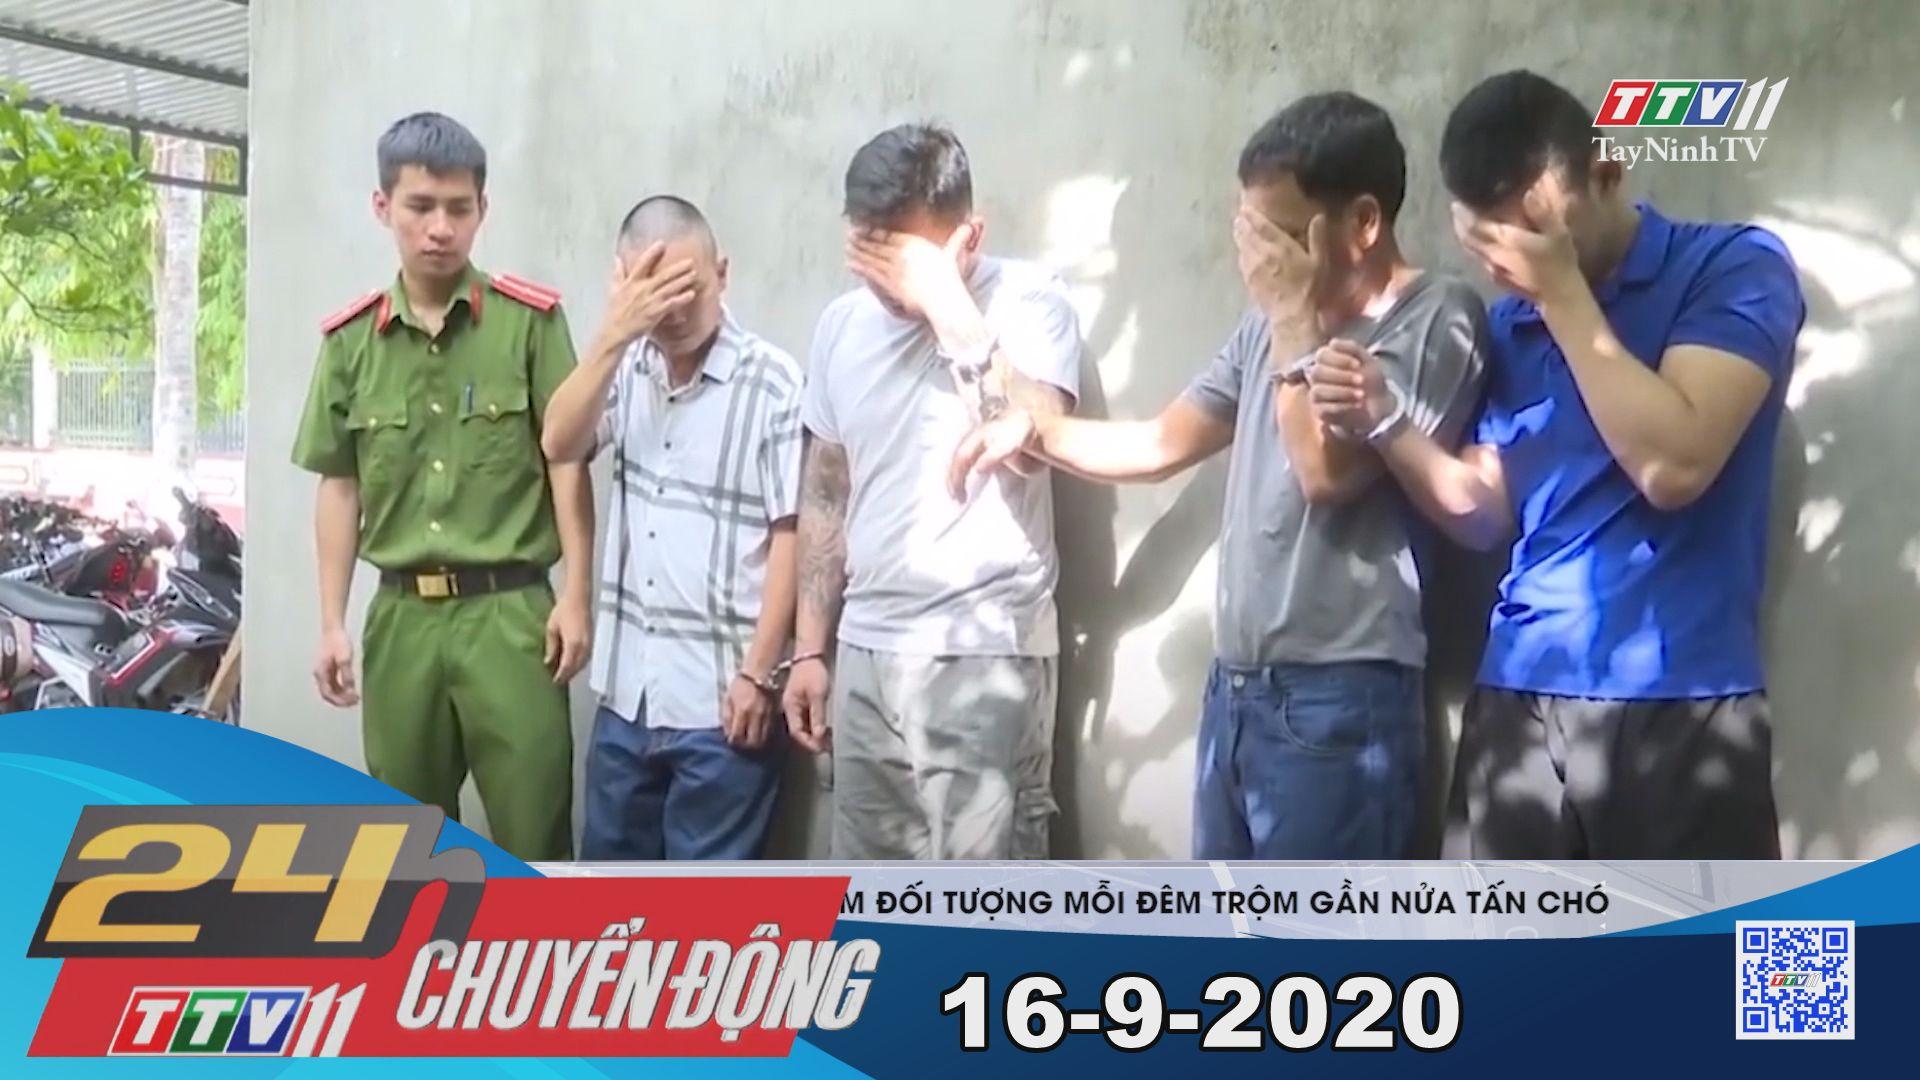 24h Chuyển động 16-9-2020 | Tin tức hôm nay | TayNinhTV